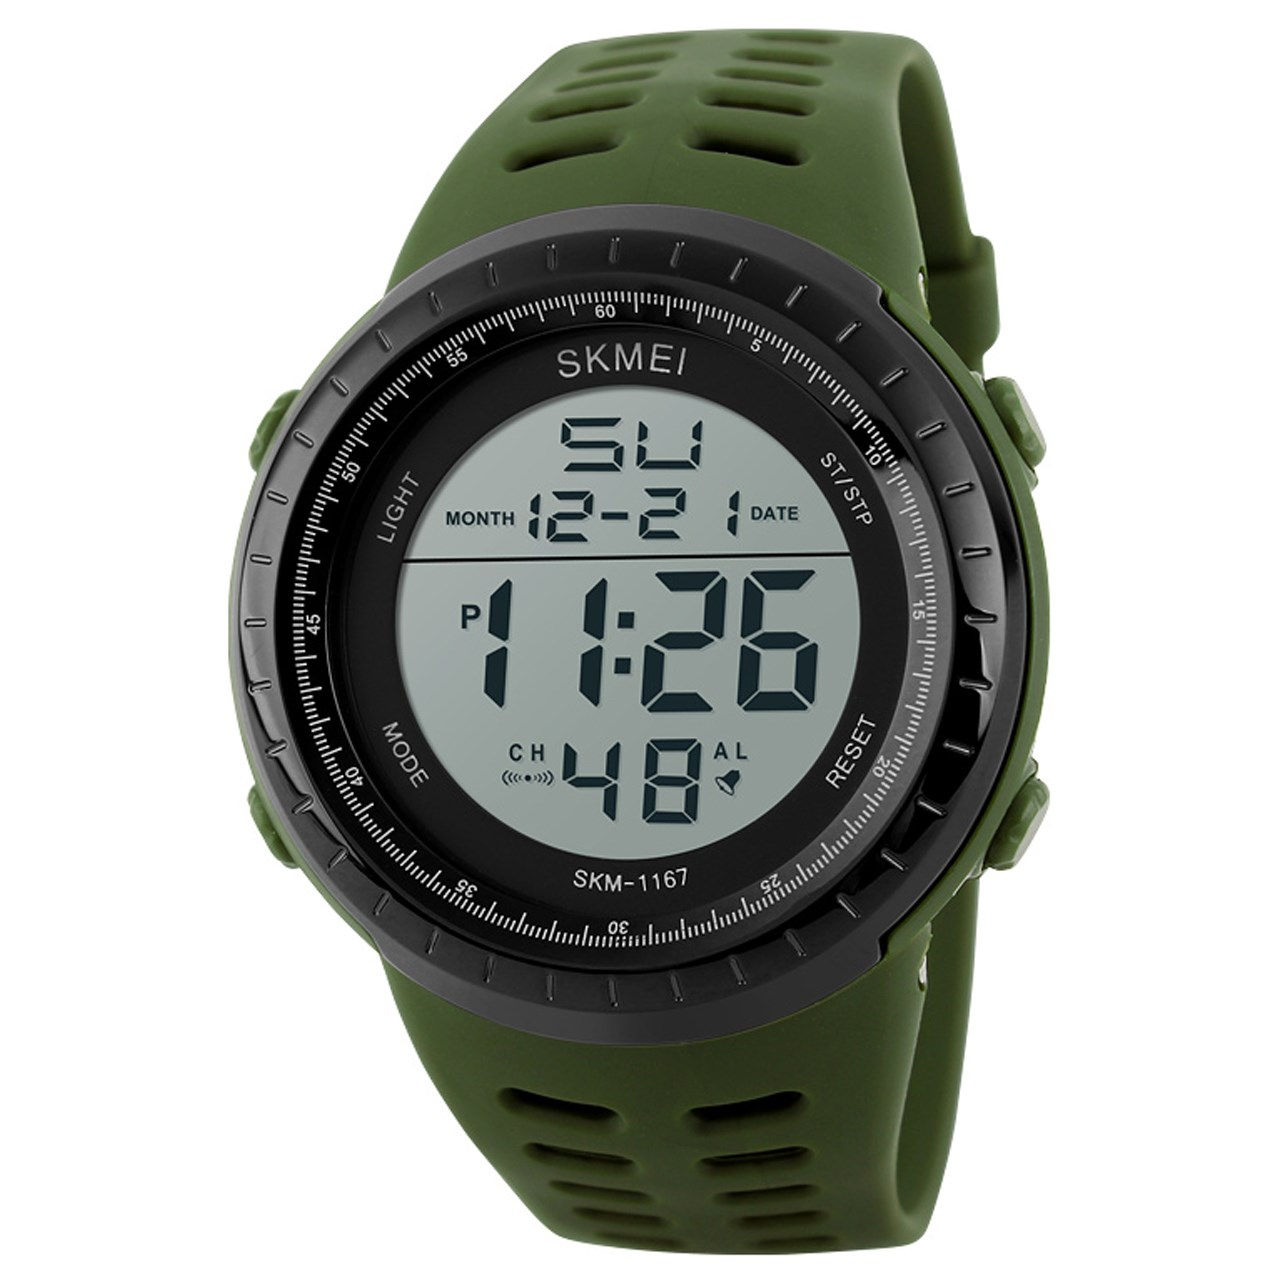 ساعت مچی دیجیتالی مردانه اسکمی مدل 1167 کد 02 12